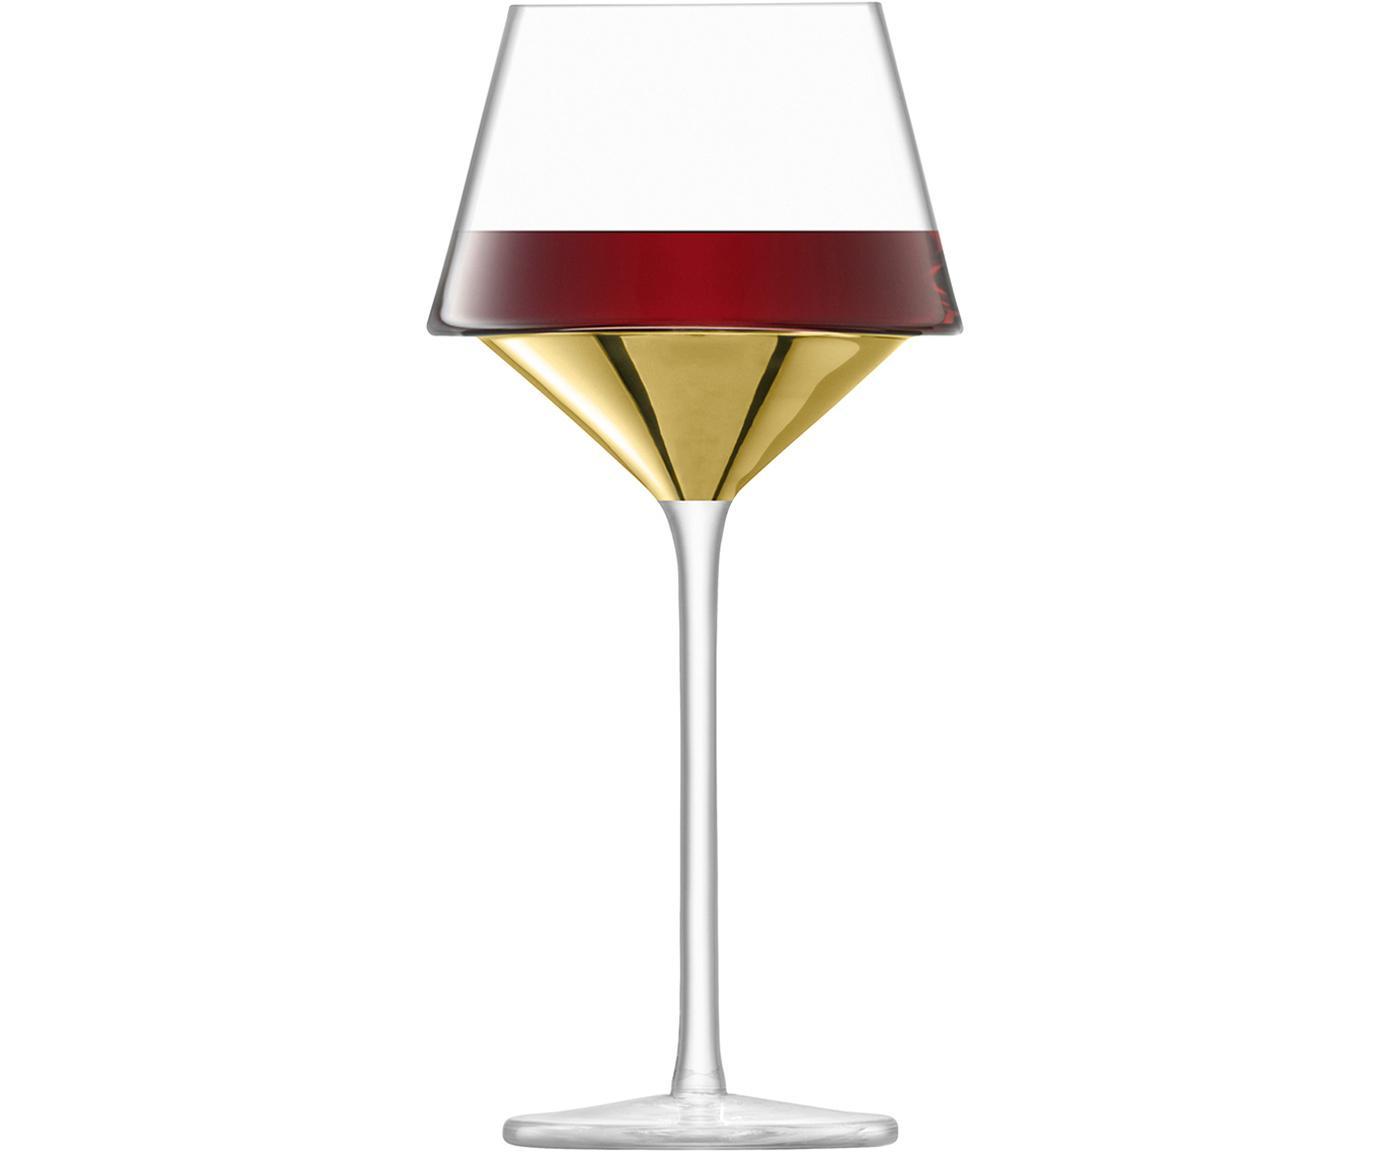 Bicchiere da vino rosso in vetro soffiato Space 2 pz, Vetro, Trasparente, dorato, Ø 11 x Alt. 23 cm